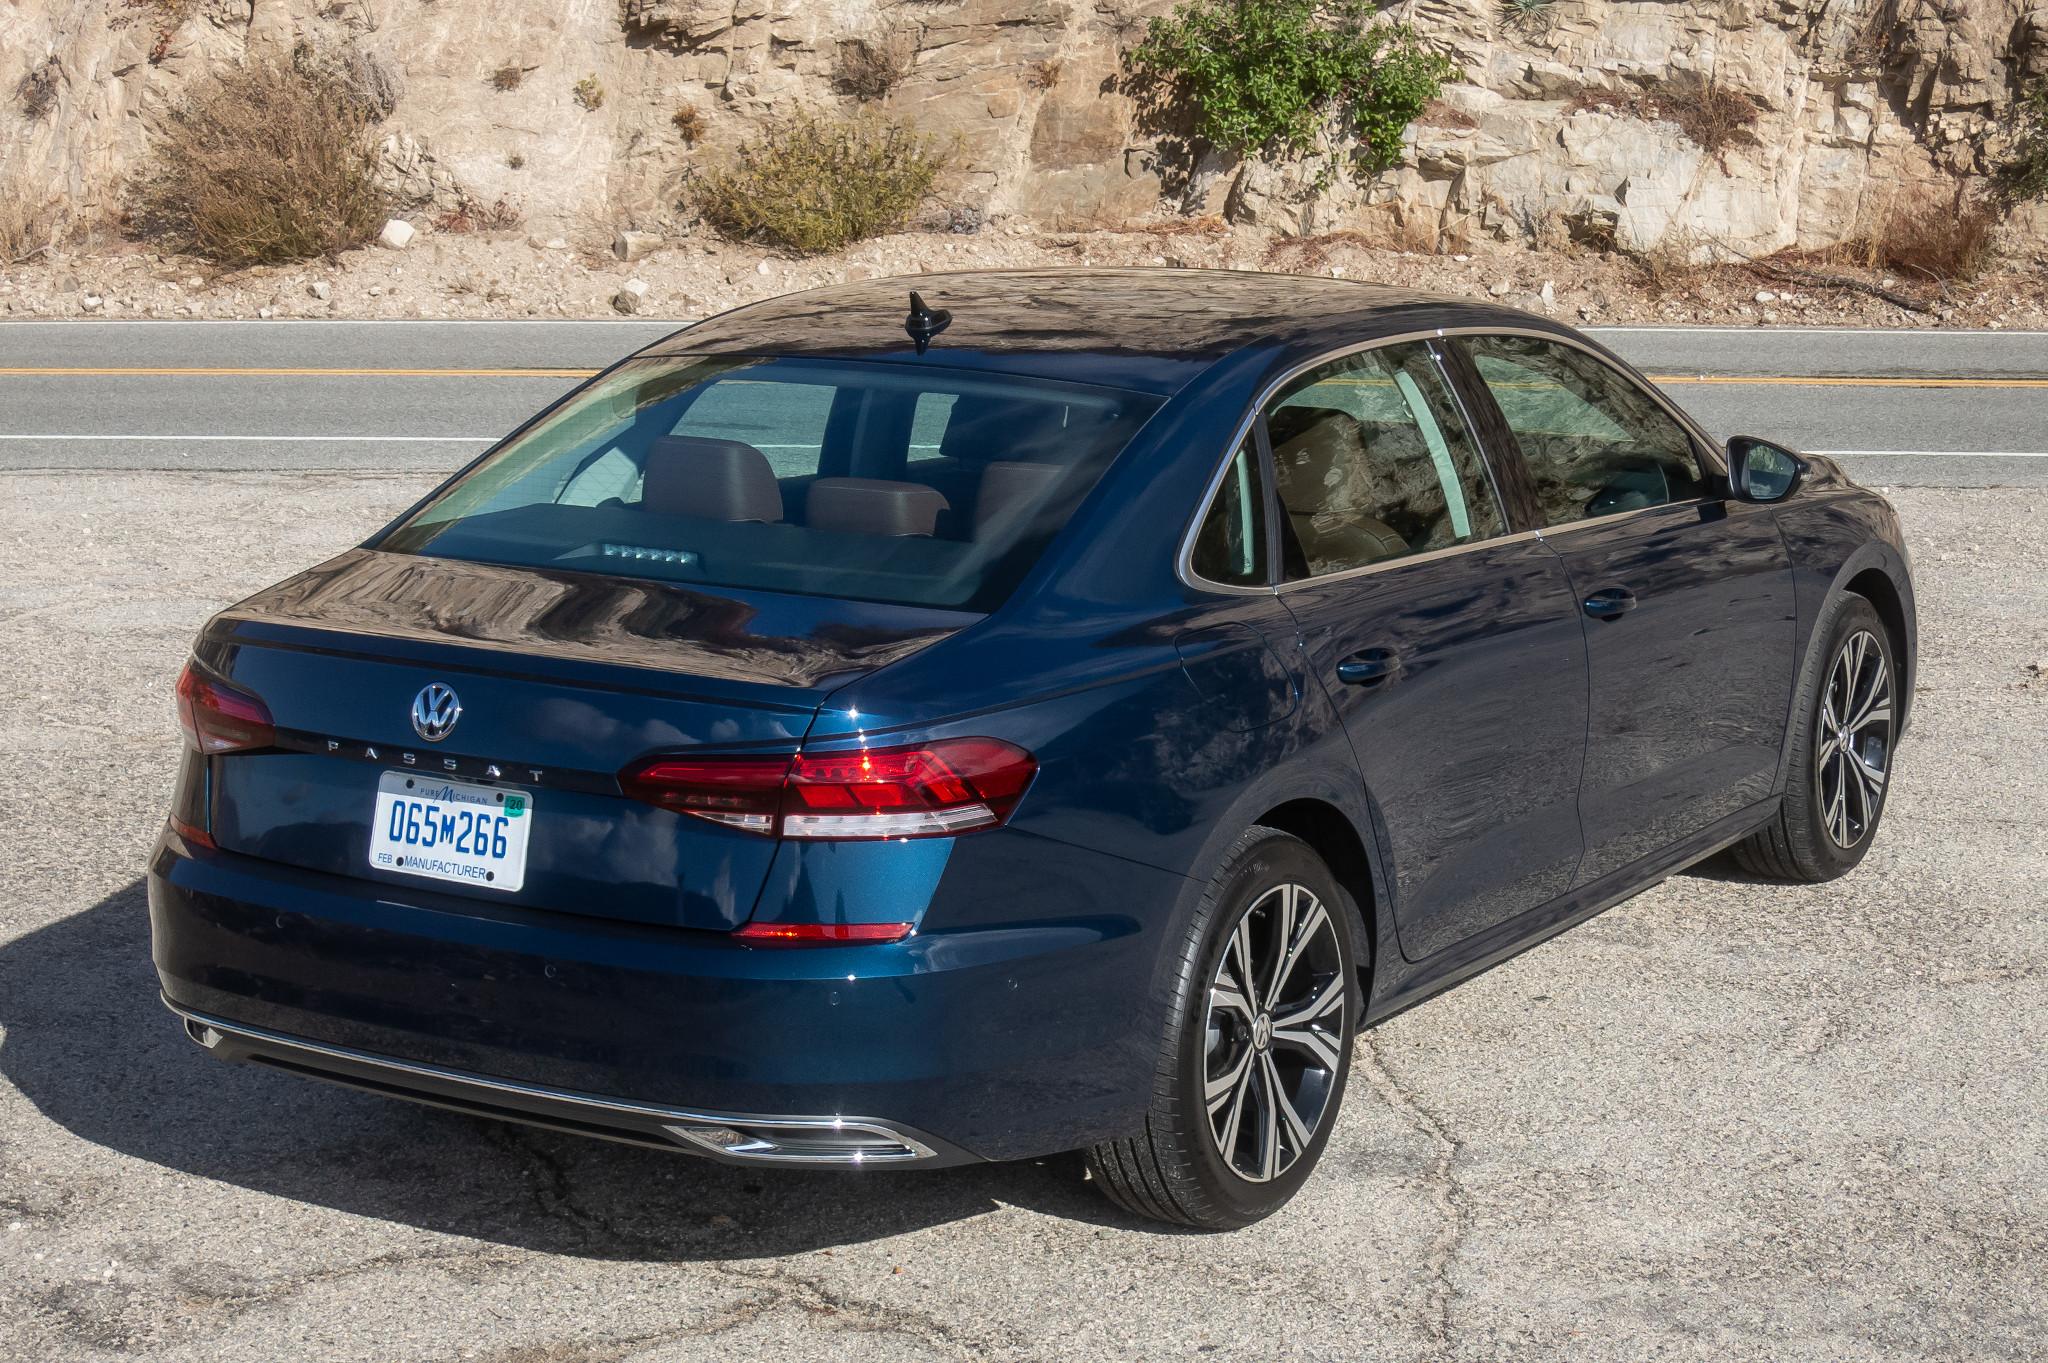 volkswagen-passat-2020-05-angle--blue--exterior--rear.jpg